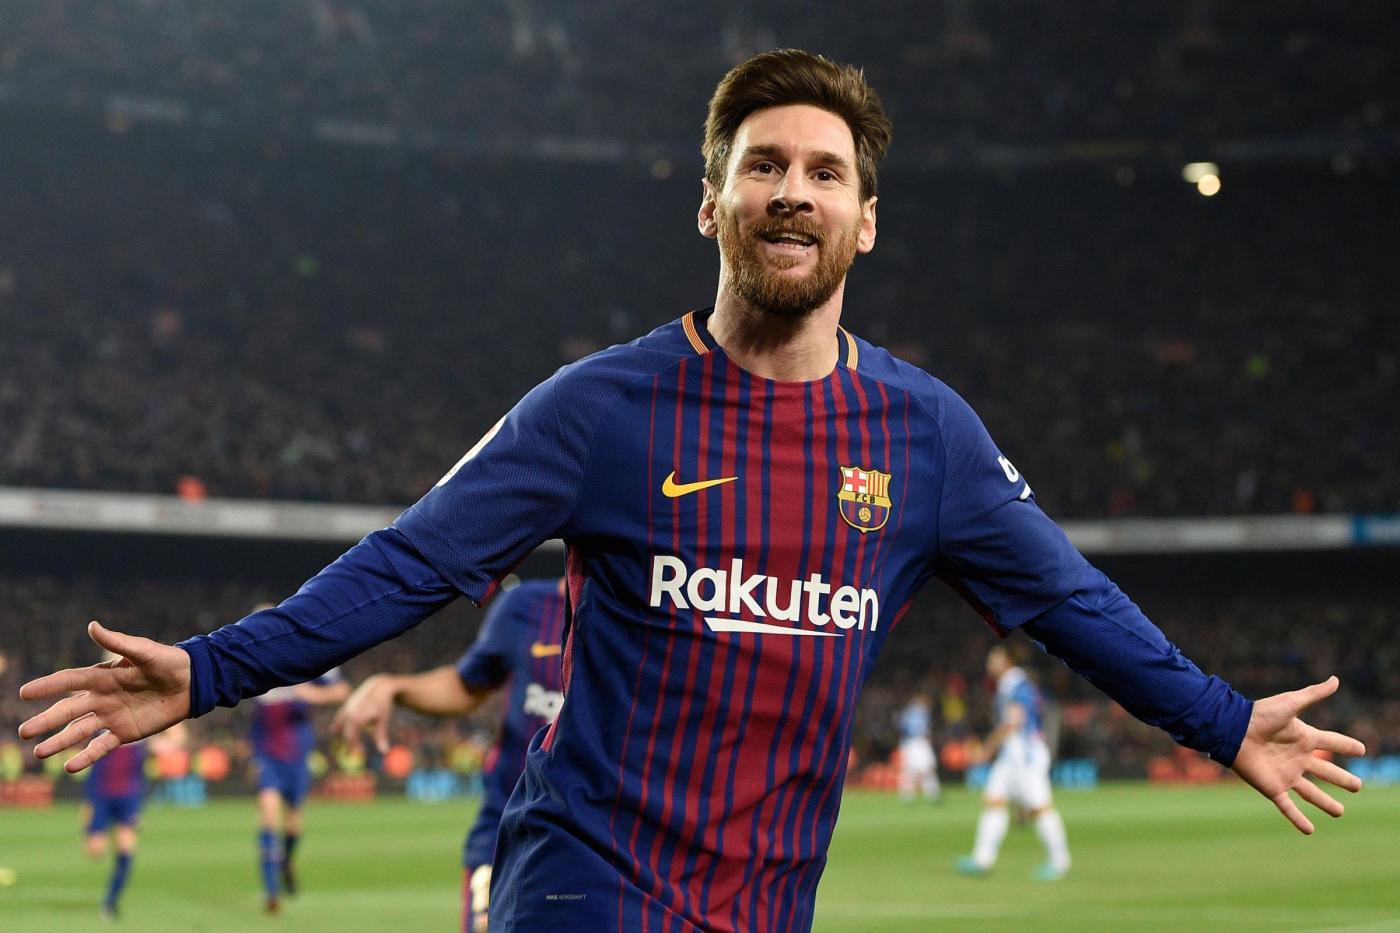 Roma-Barcellona martedì 10 aprile, analisi, probabili formazioni e pronostico Champions League ritorno quarti di finale